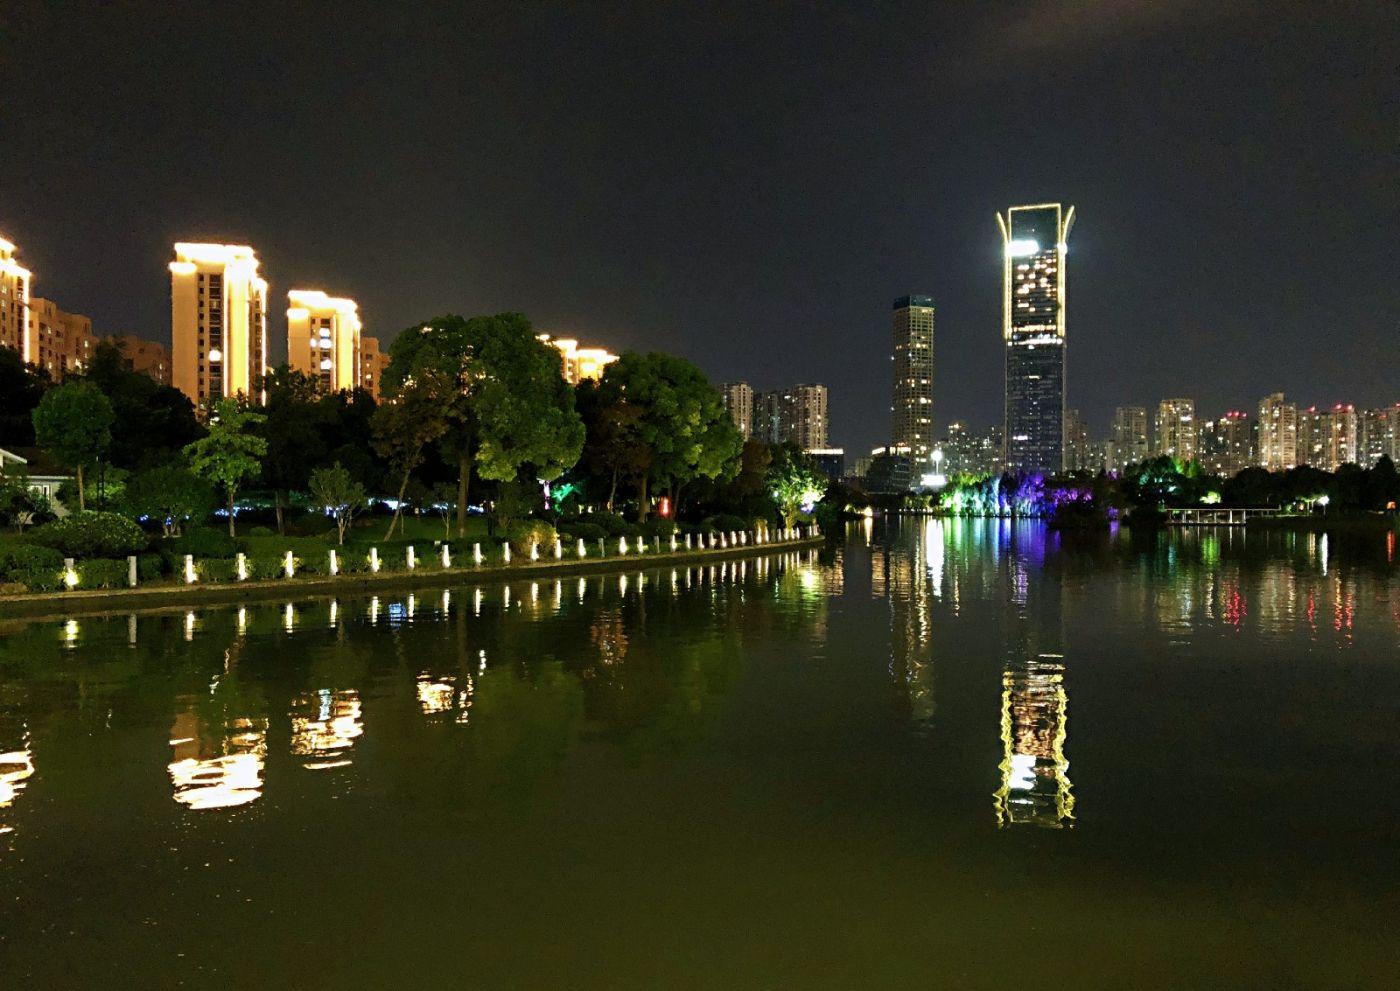 【田螺随拍】温州的印象南塘-手机版_图1-11